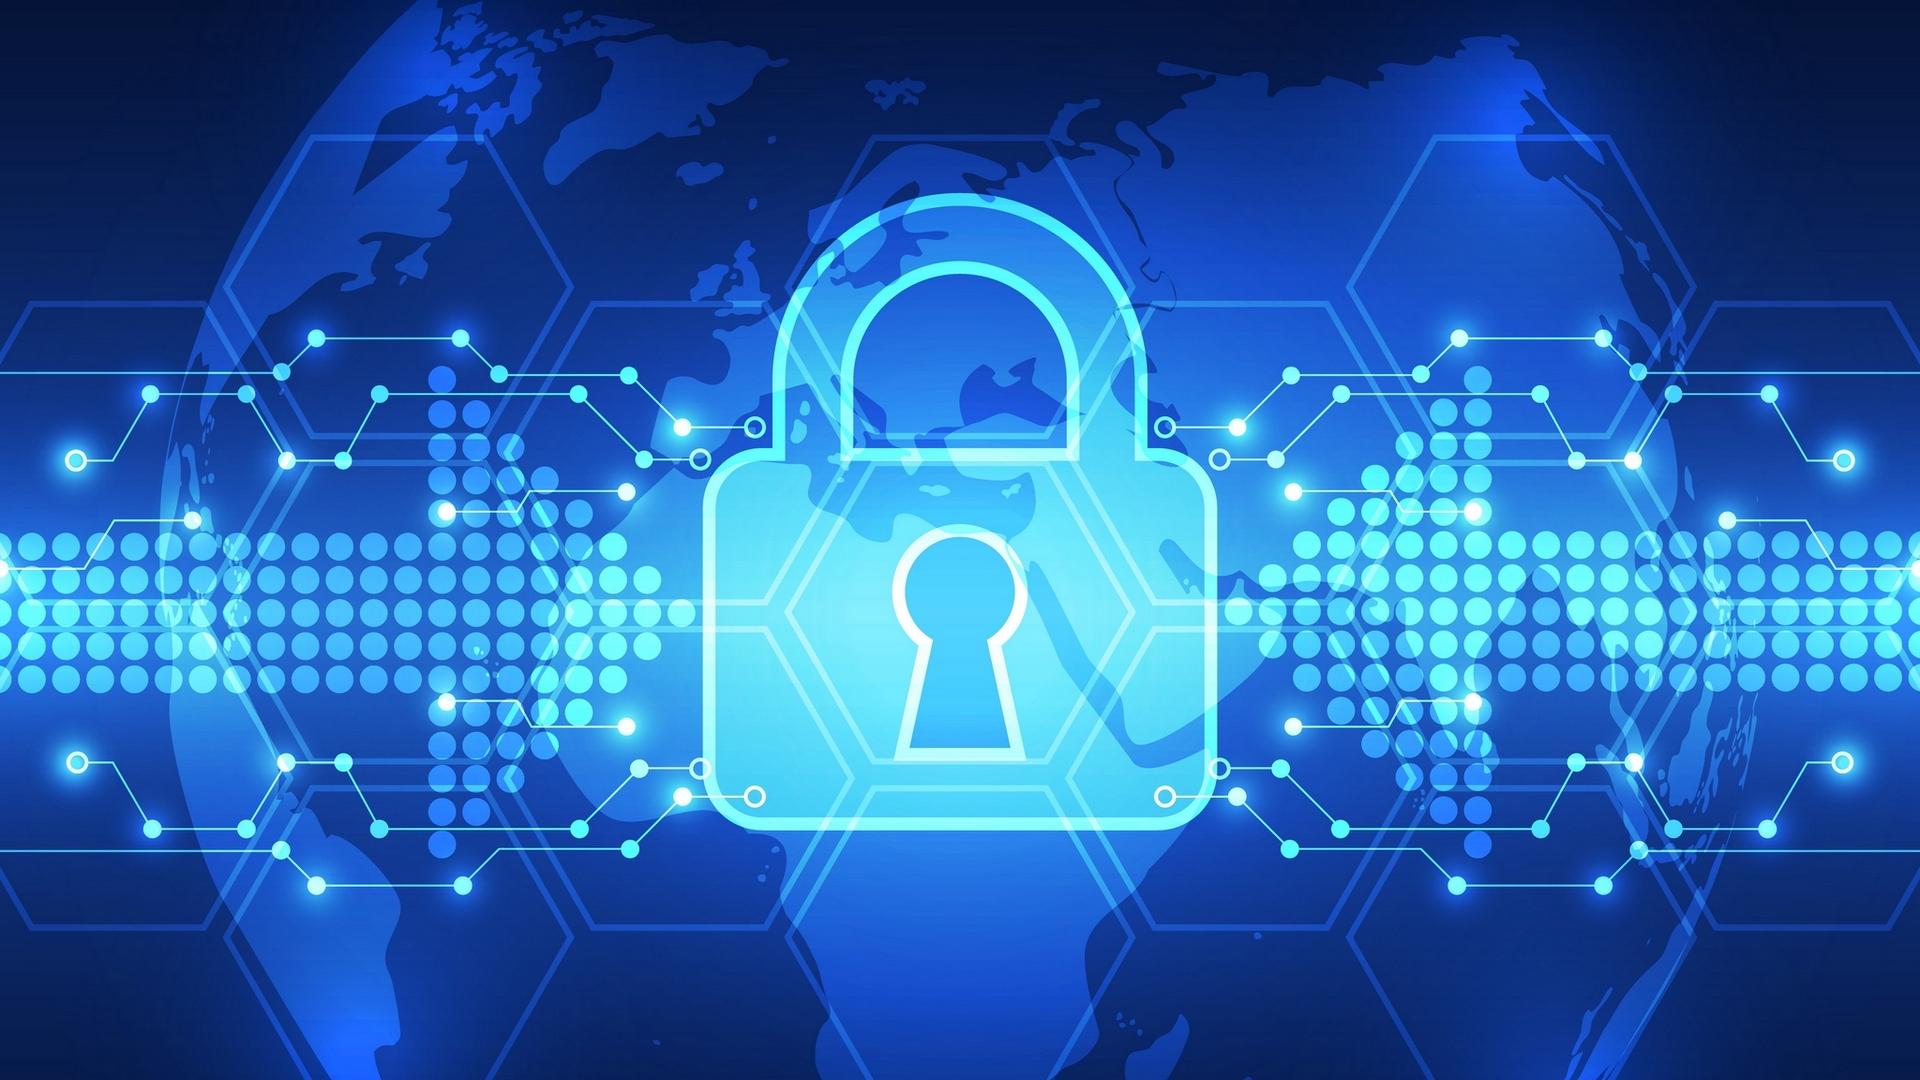 Практически половина граждан России выступает заотмену анонимности всети интернет — Опрос